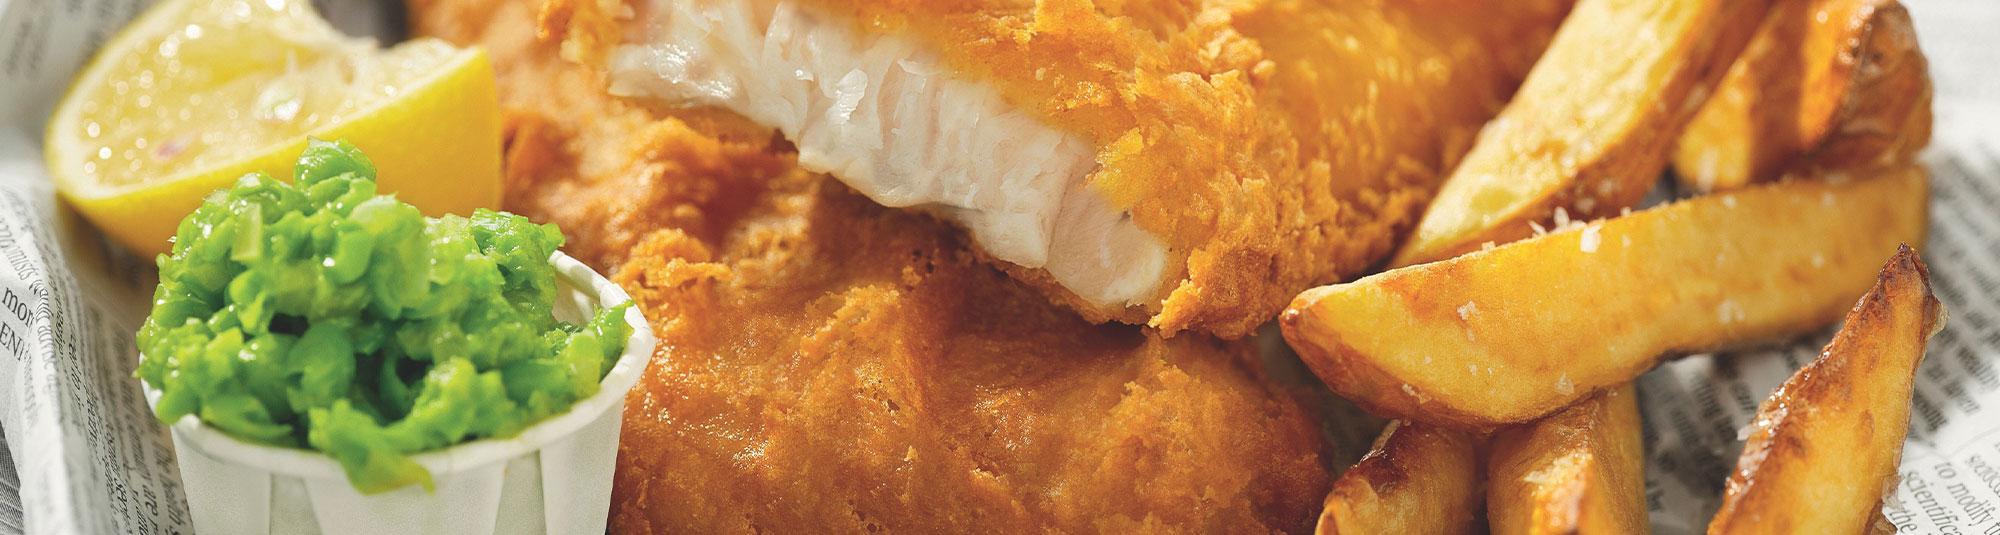 Fish and chips med pommes och ärtröra